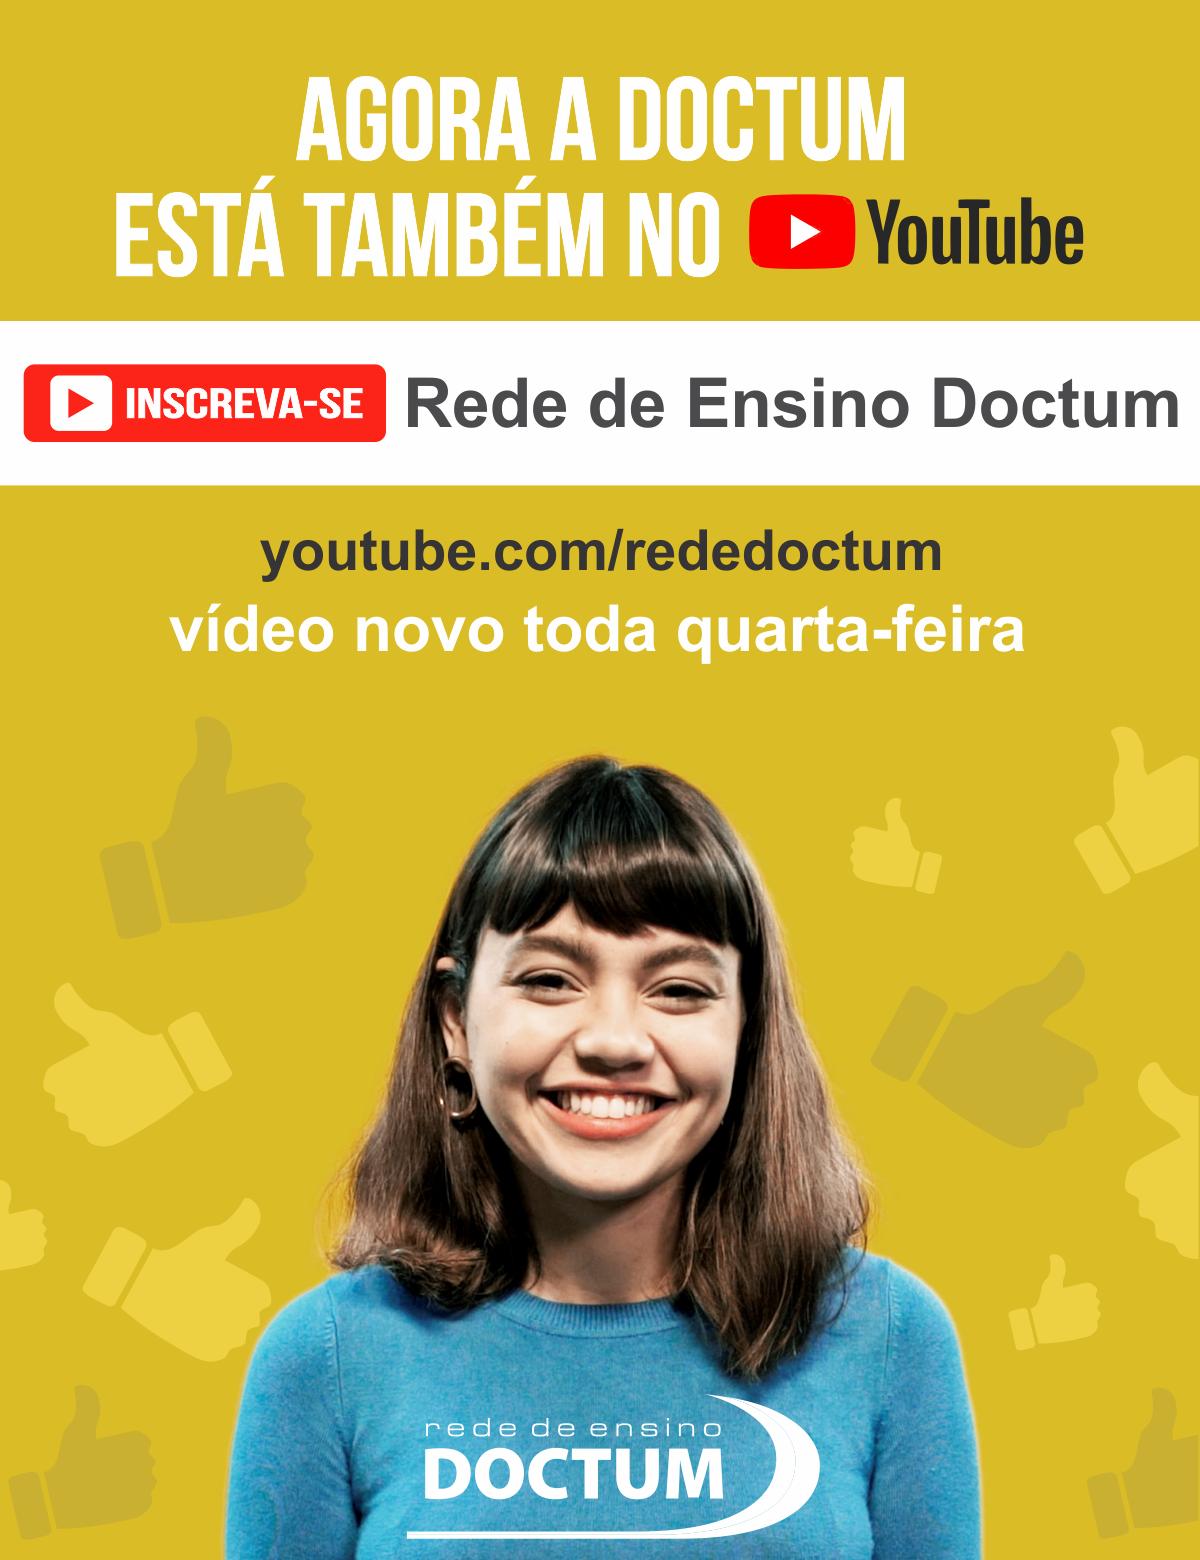 Rede De Ensino Doctum Estreia Canal Na Plataforma Youtube